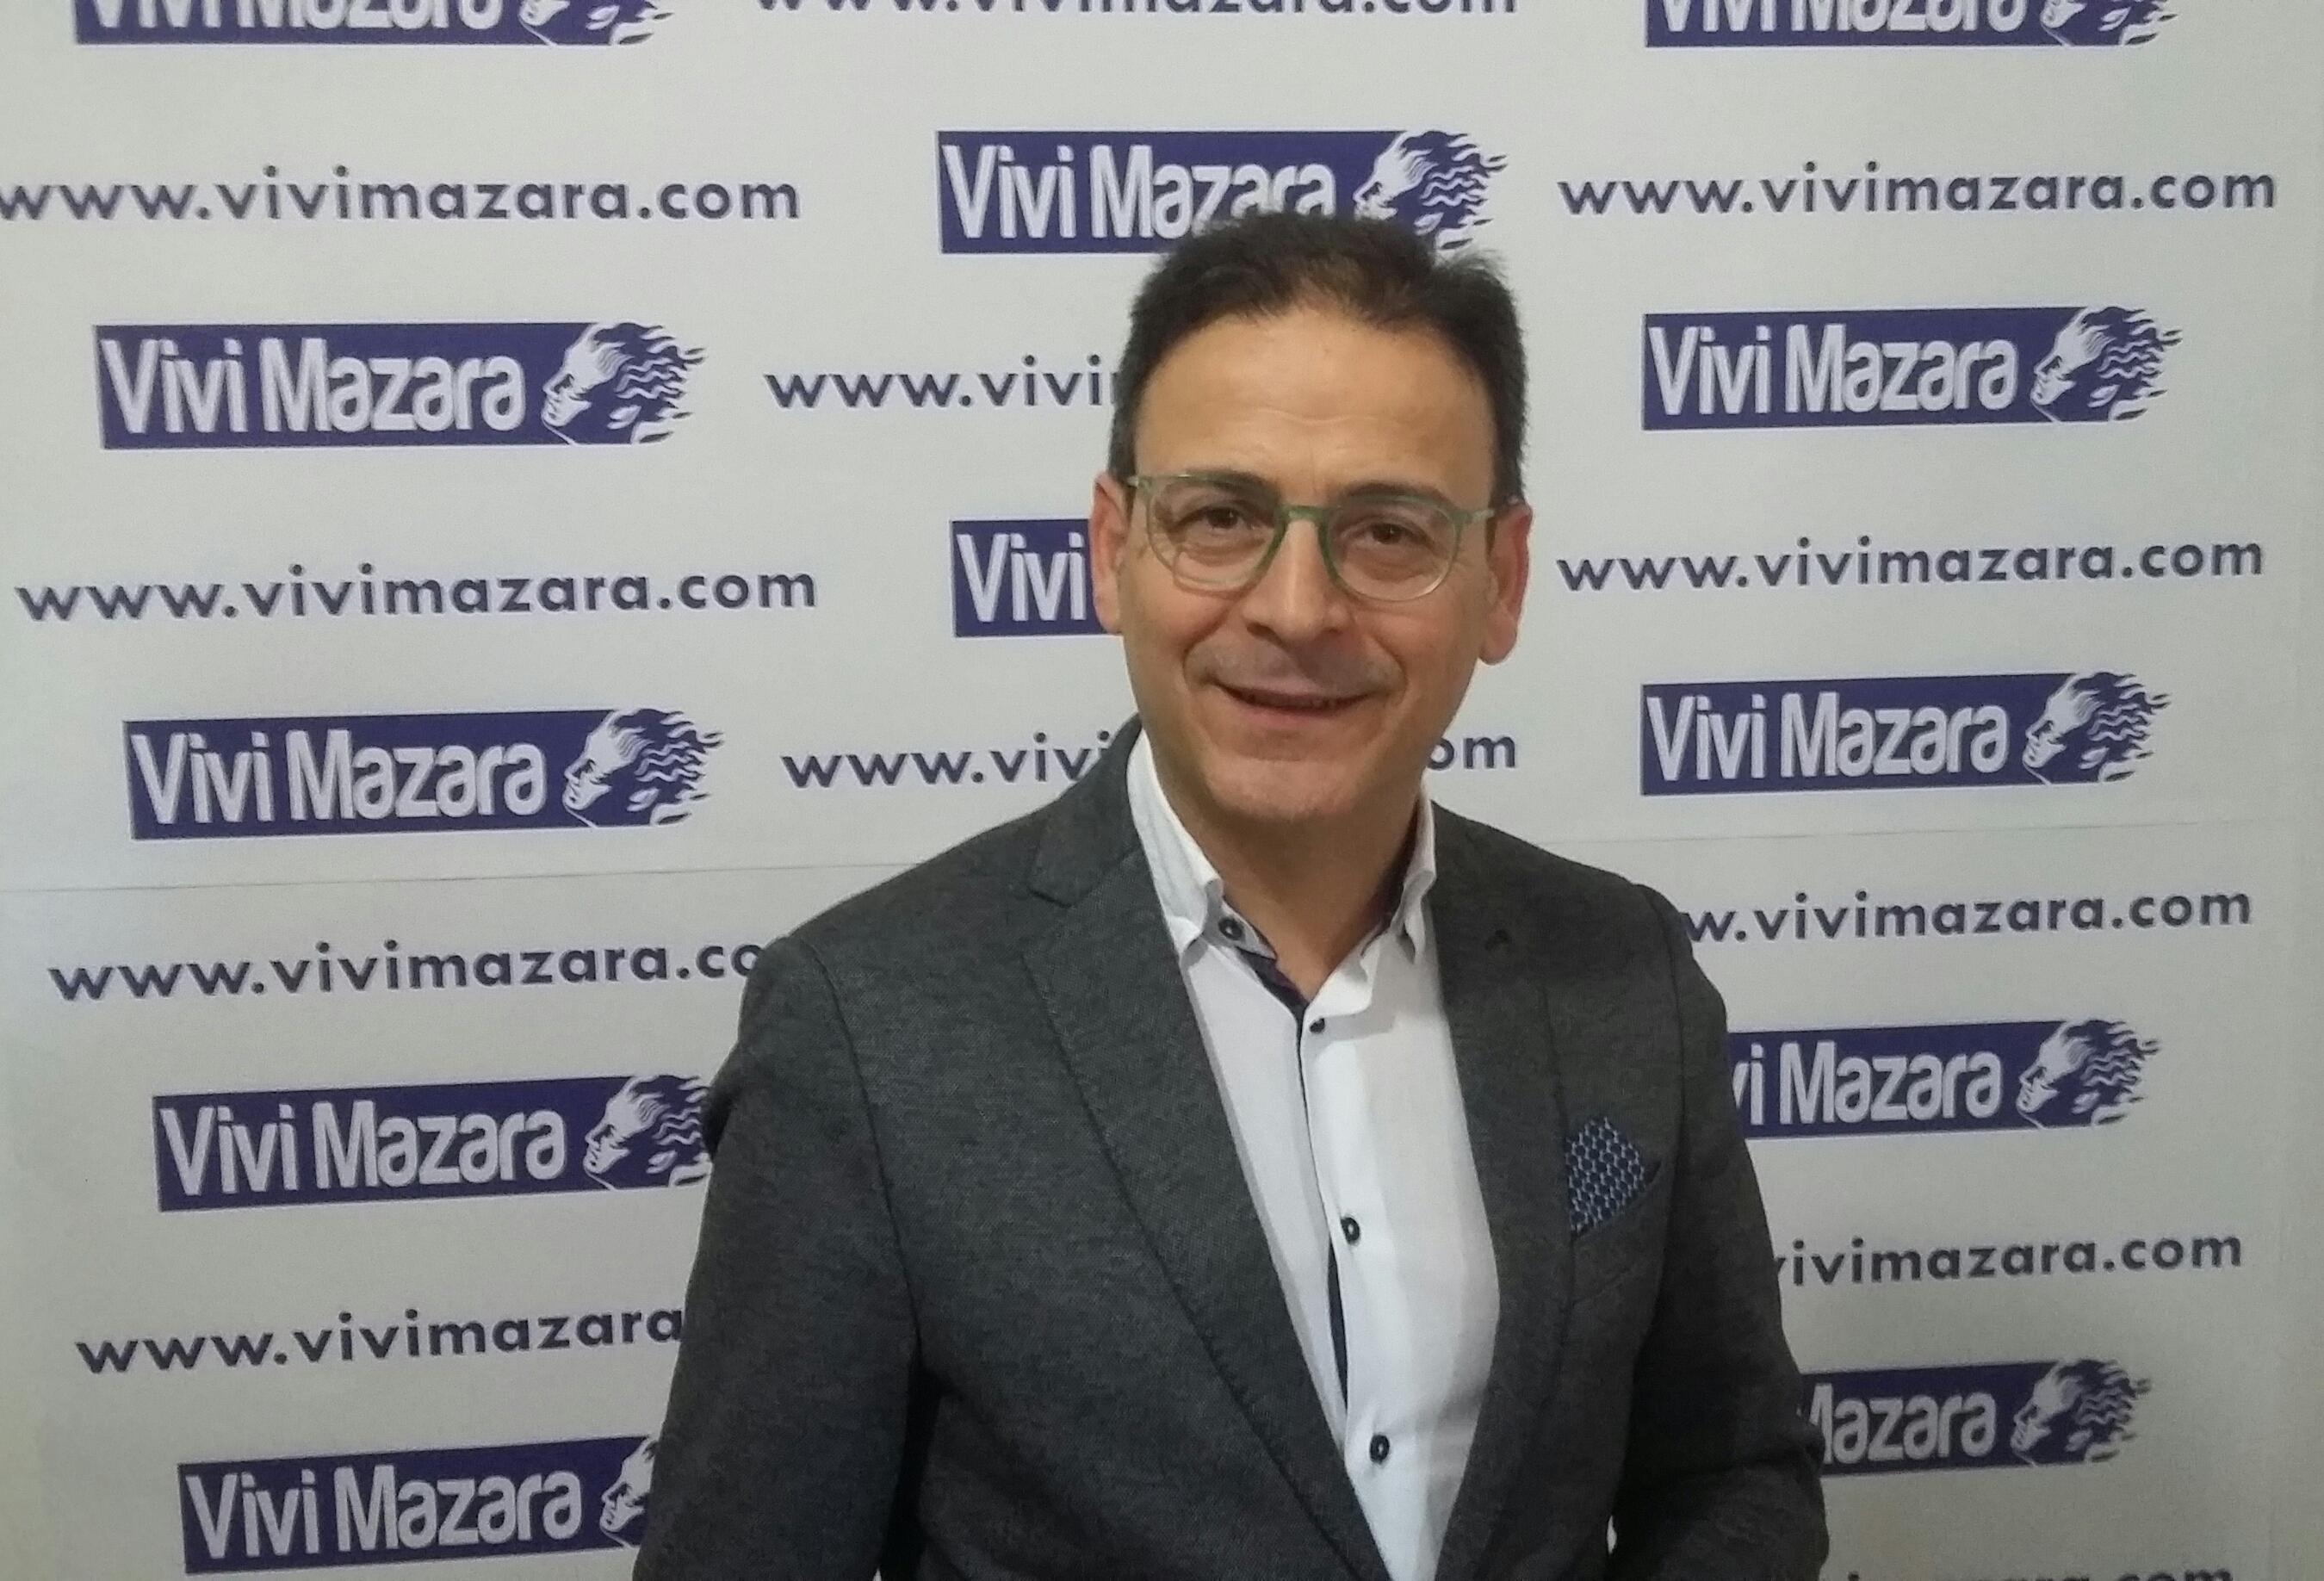 SALVATORE QUINCI ELETTO SINDACO DI MAZARA DEL VALLO